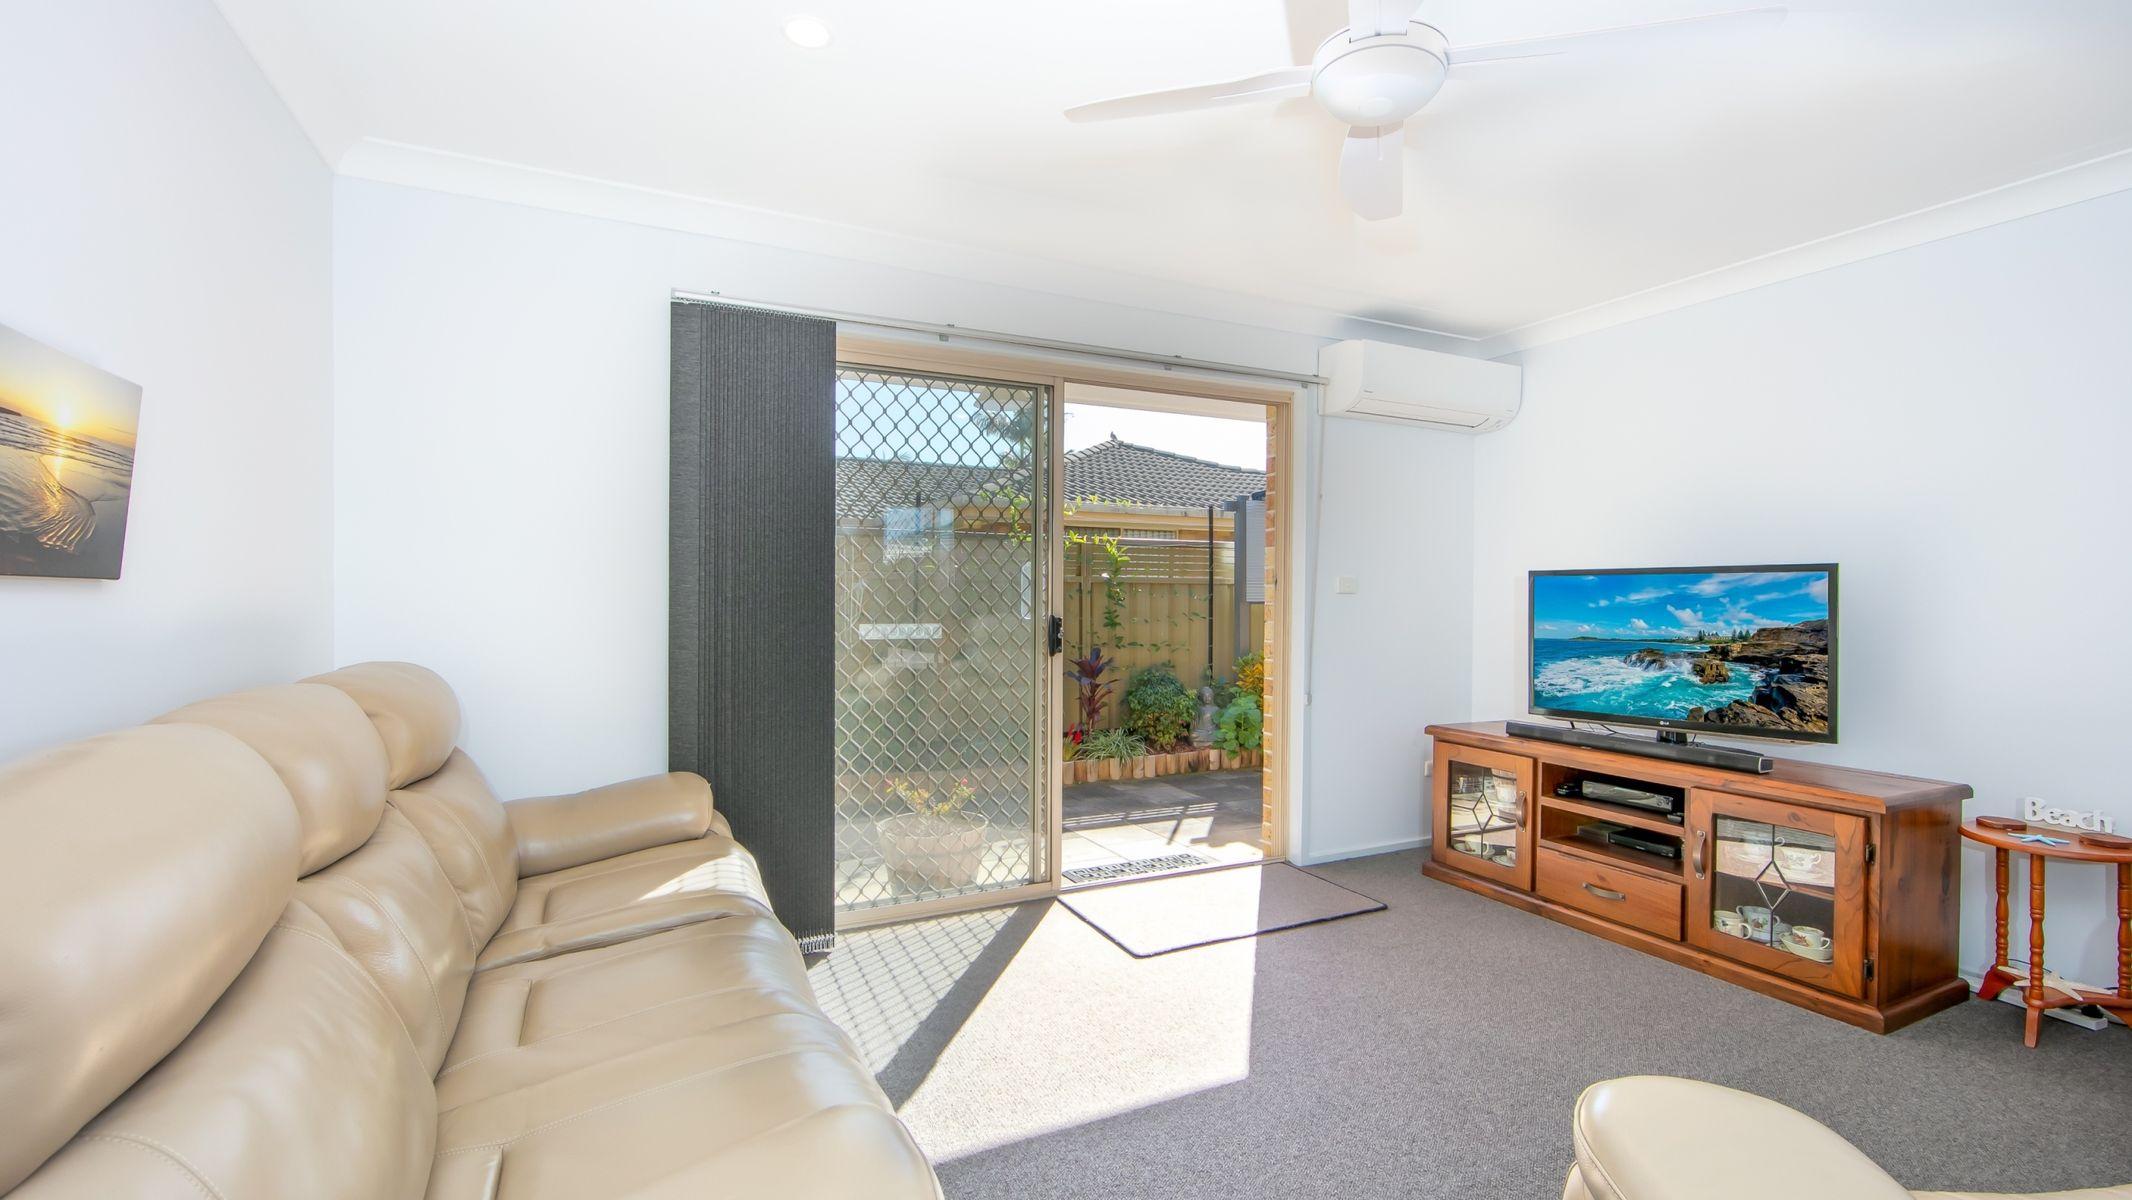 2/21 Casuarina Close, Yamba, NSW 2464